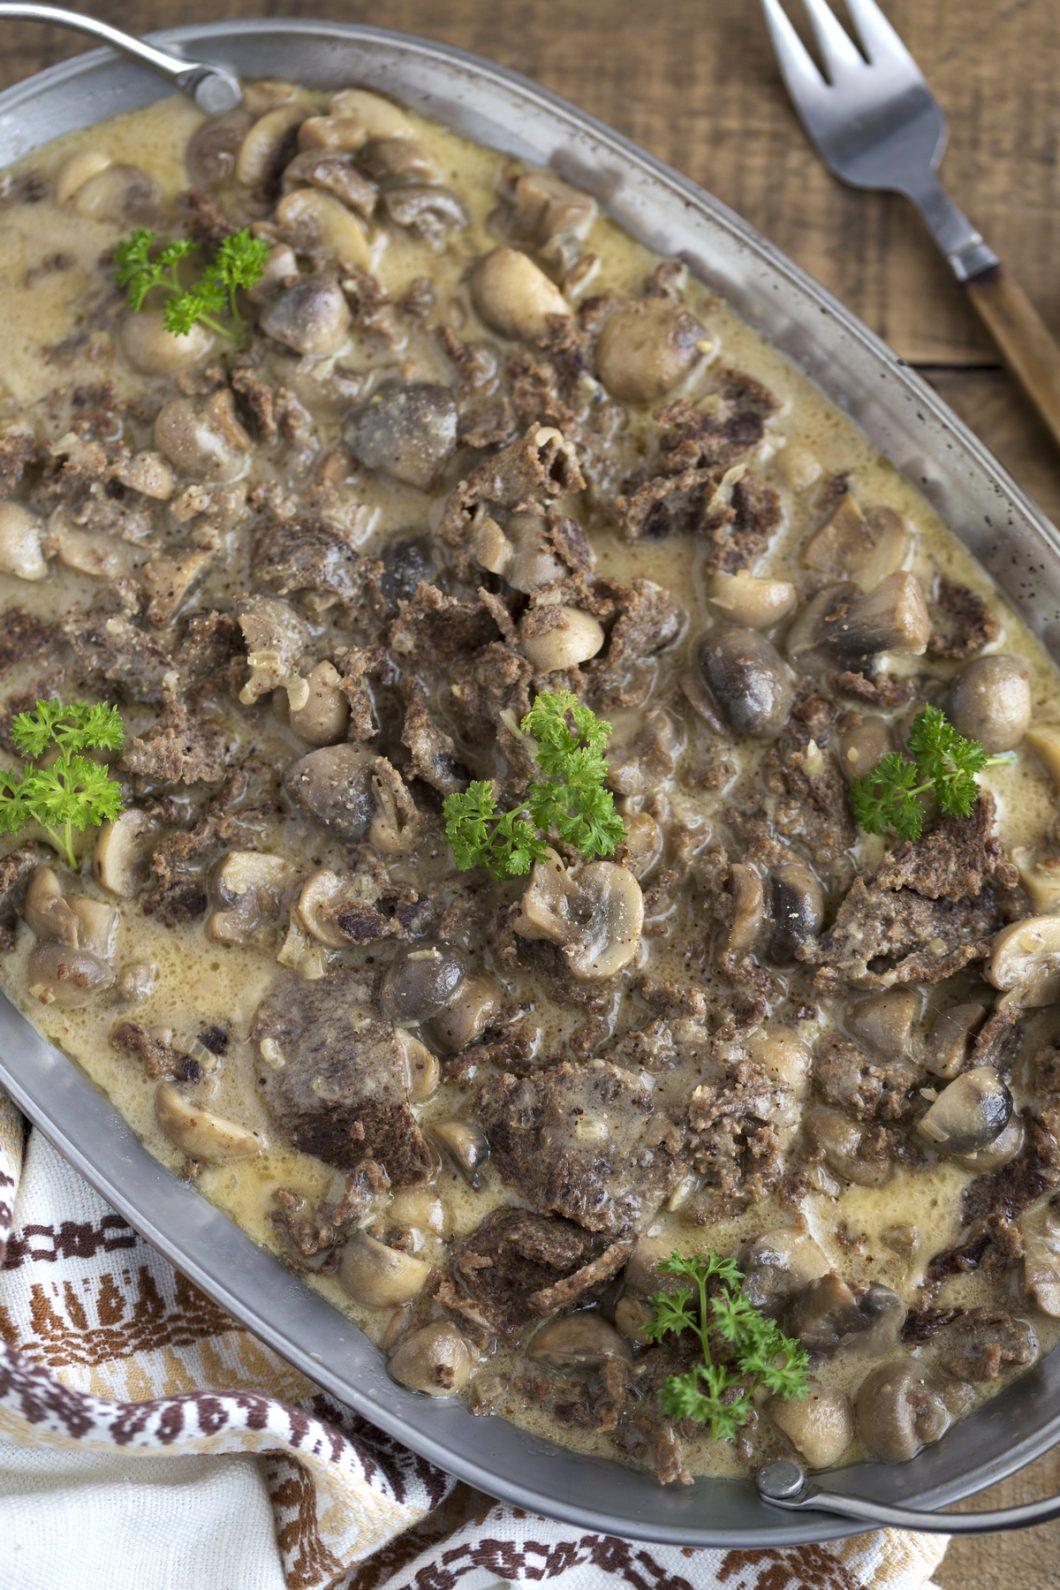 Reindeer stew with mushrooms in cream.